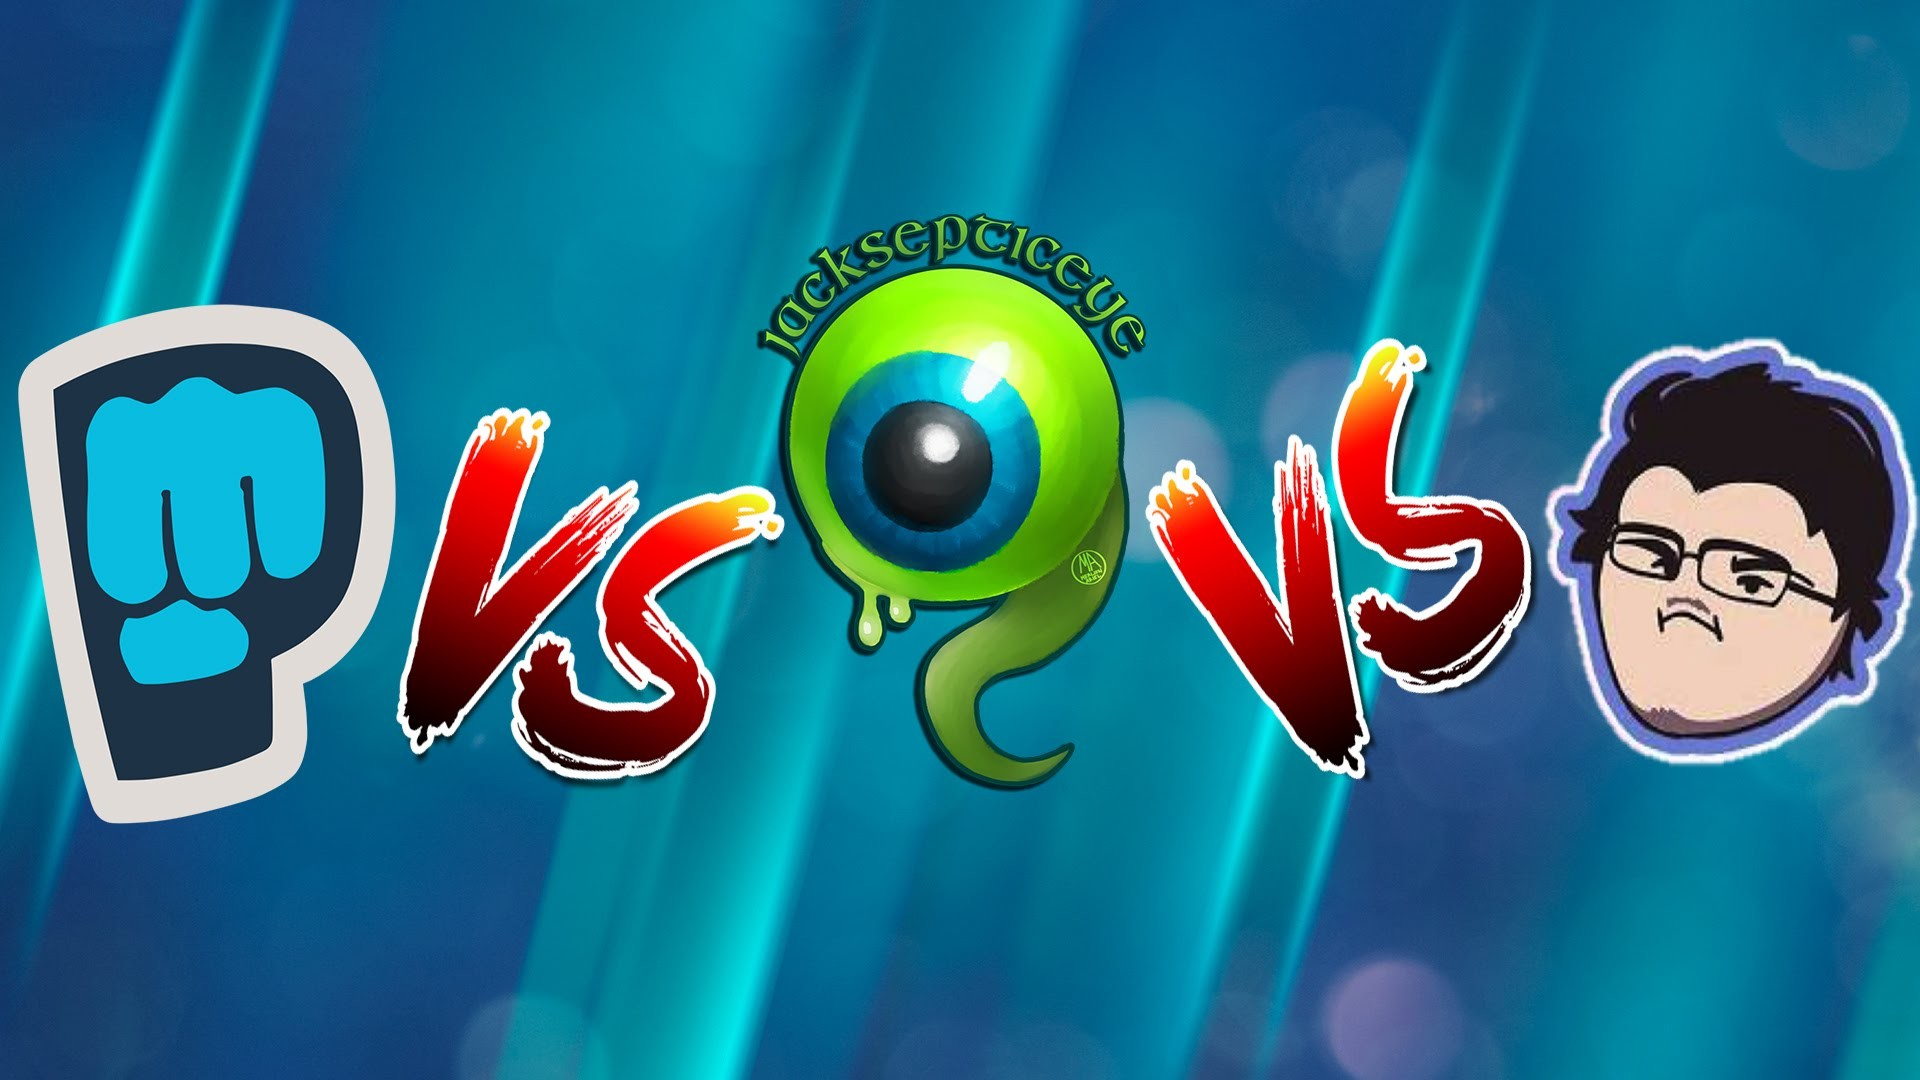 BROFIST (PewDiePie Song) VS ALL THE WAY – Jacksepticeye VS SPACE IS COOL –  Markiplier – YouTube